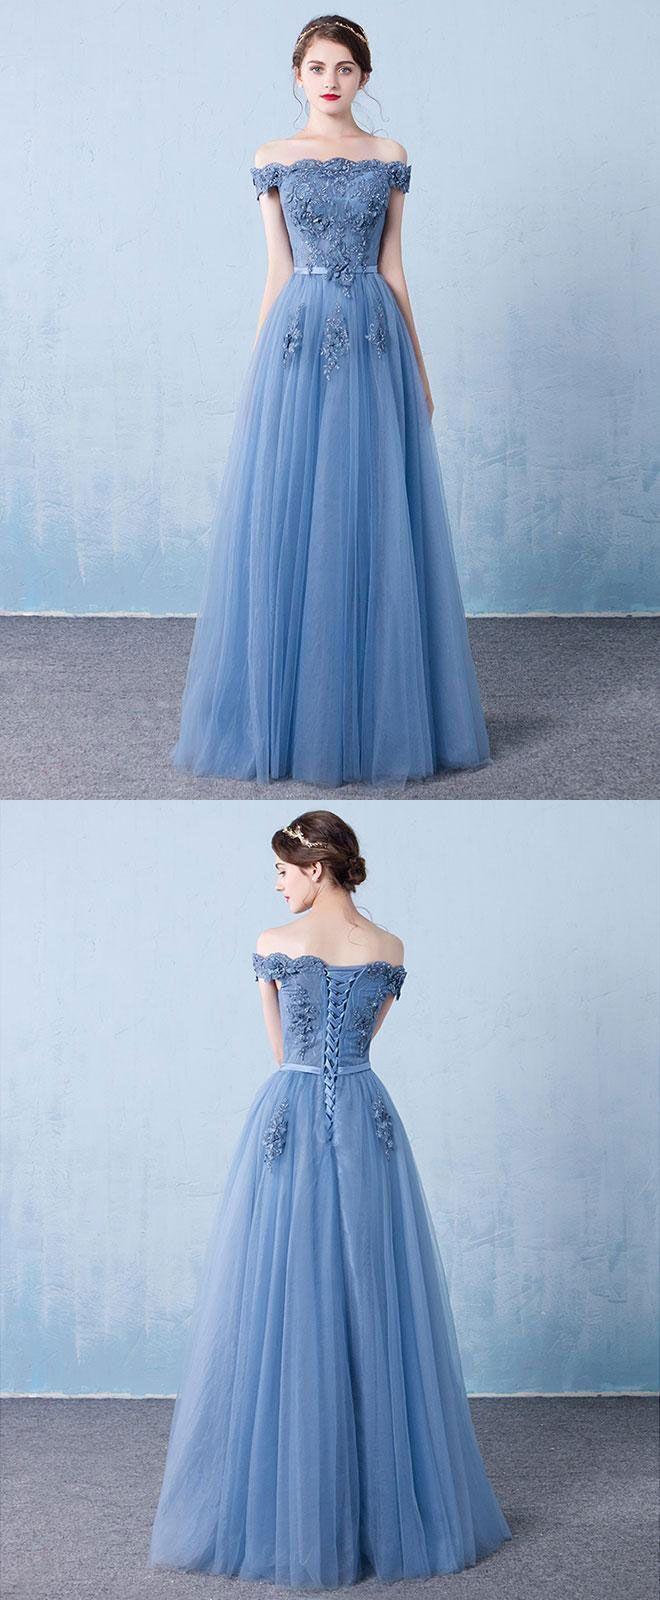 innovative design 450d8 fefbb Maßgeschneiderte wunderschöne blaue Tüll Appliques Perlen ...